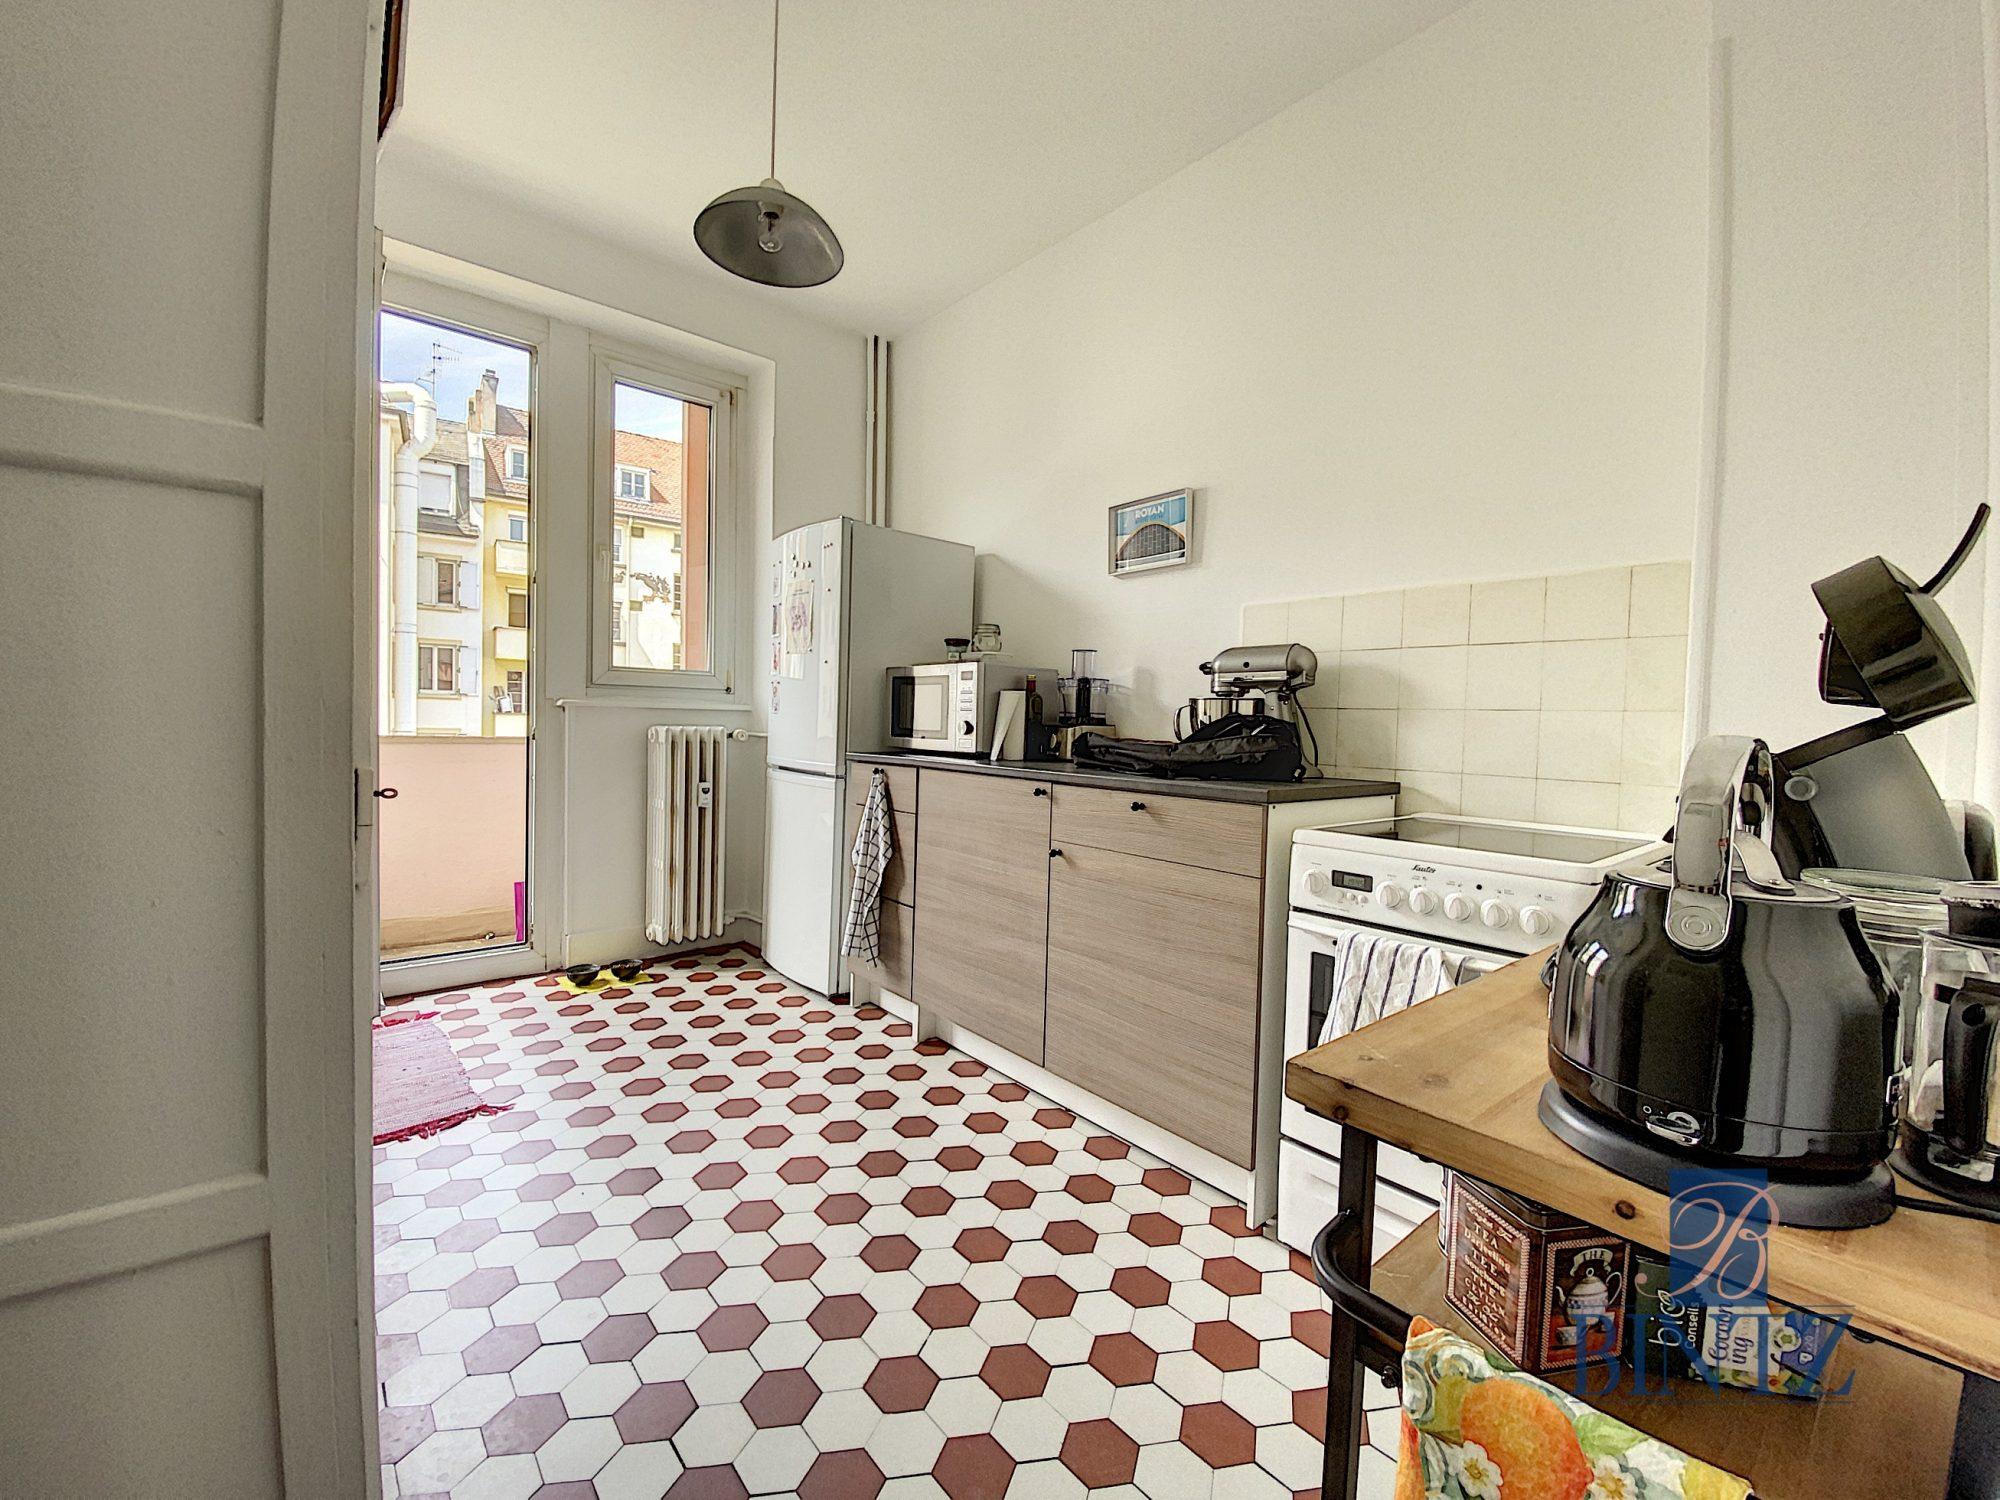 2 PIECES AVEC BALCON KRUTENAU - Devenez locataire en toute sérénité - Bintz Immobilier - 6